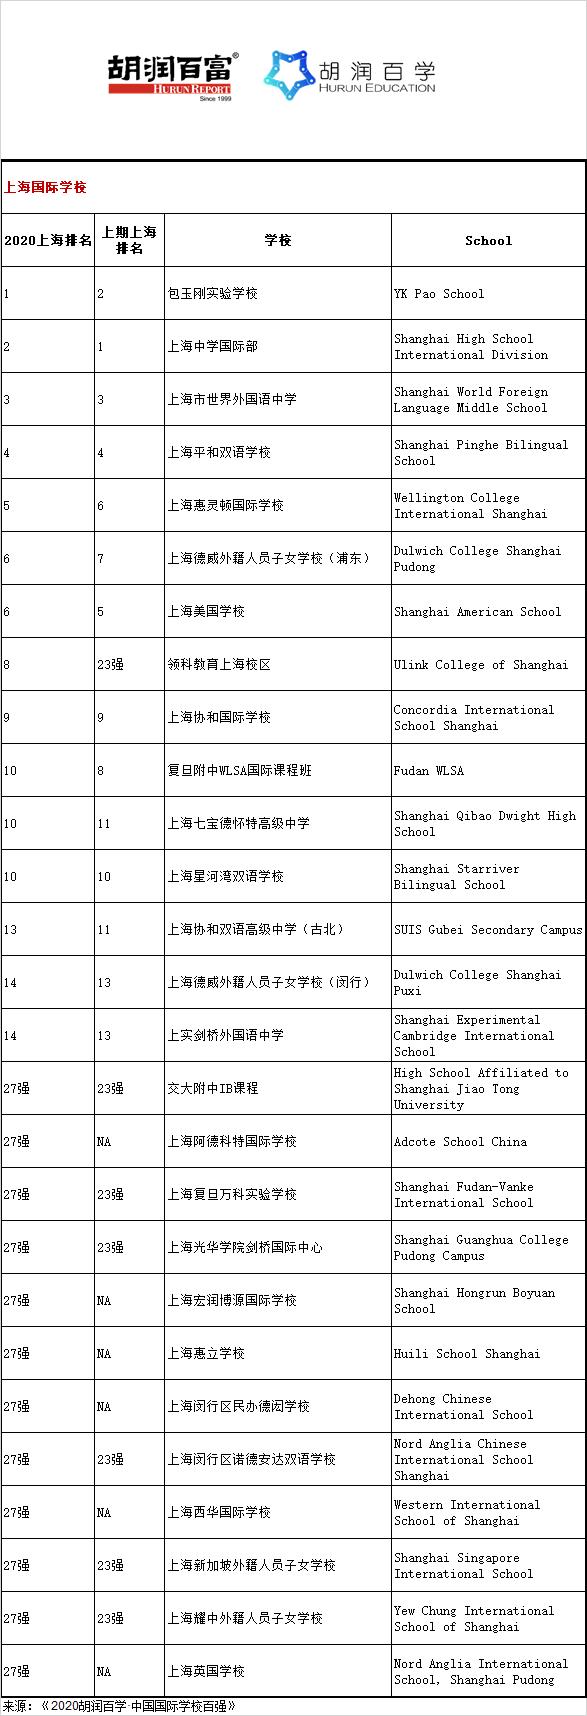 《2020胡润百学·中国国际学校百强》完整榜单 |20所学校新入百强  数据 深圳国际交流学院 第9张